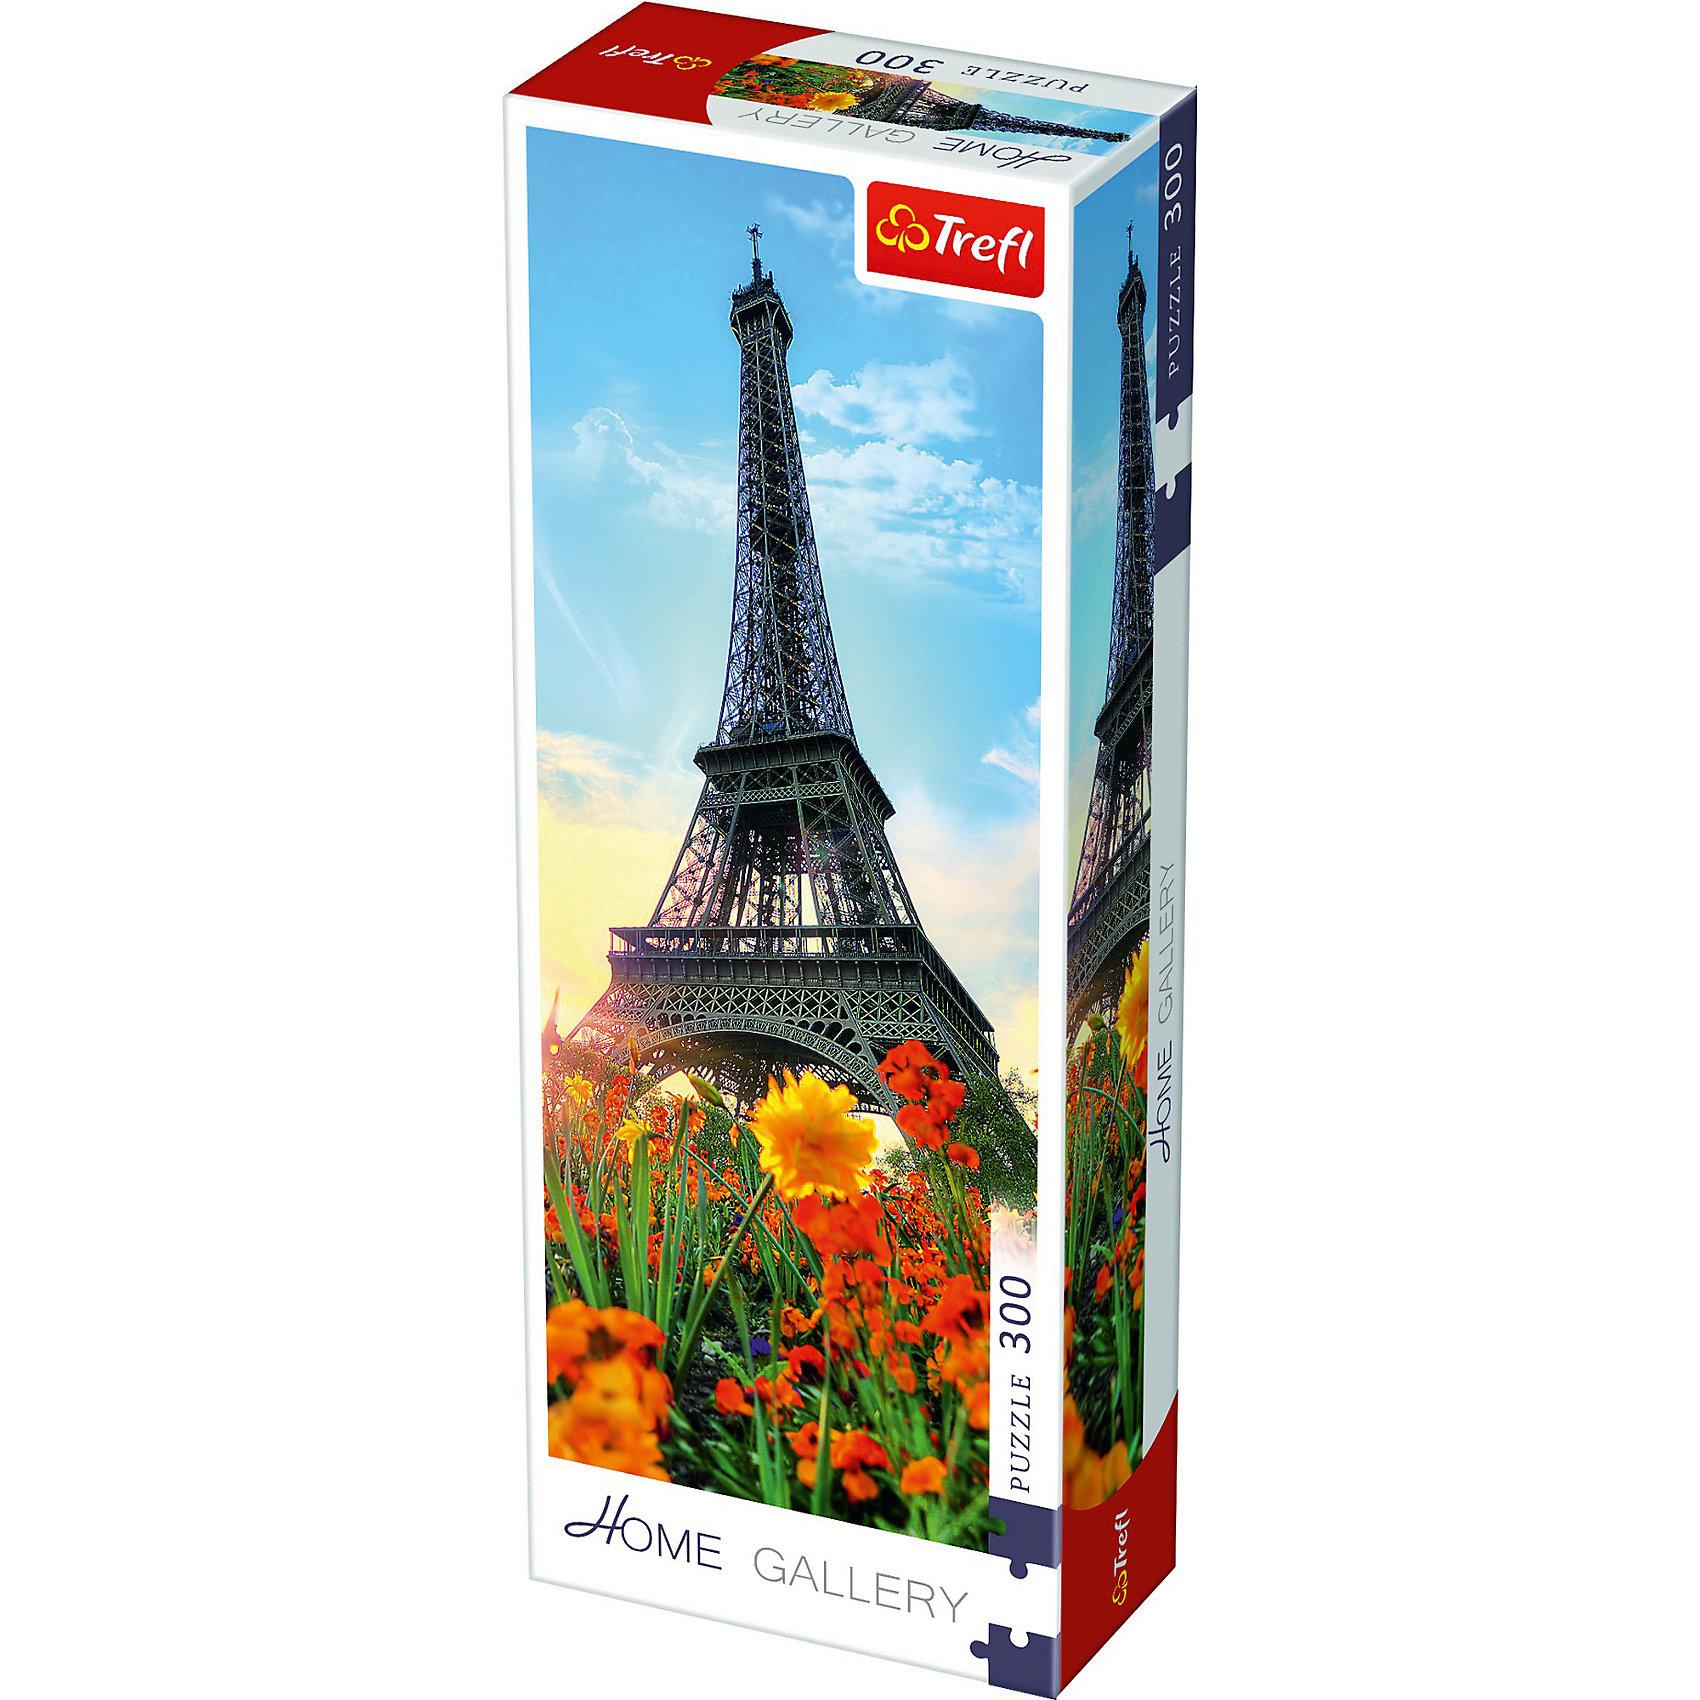 Пазлы Эйфелева башня среди цветов, 300 элементовПазлы для детей постарше<br>Если вы любите красивую архитектуру, Французскую культуру и летние краски, то прекрасным выбором станет пазл «Домашняя галерея – Эйфелева башня среди цветов» из 300 деталей. Эта стильная и качественная головоломка сможет скрасить досуг компании любого возраста. <br><br> Все элементы выполнены из прочного картона и отлично подогнаны друг к другу. Готовое изображение можно скрепить с помощью клея и повесить на видное место. Картинка с величественной Эйфелевой башней в окружении пышных цветов на фоне ясного неба будет дарить приподнятое настроение домочадцам и гостям. <br><br> Количество элементов пазла: 300. <br><br> Размер картинки в собранном виде: 48х16 см.<br><br>Ширина мм: 97<br>Глубина мм: 42<br>Высота мм: 264<br>Вес г: 233<br>Возраст от месяцев: 180<br>Возраст до месяцев: 2147483647<br>Пол: Унисекс<br>Возраст: Детский<br>SKU: 7126389